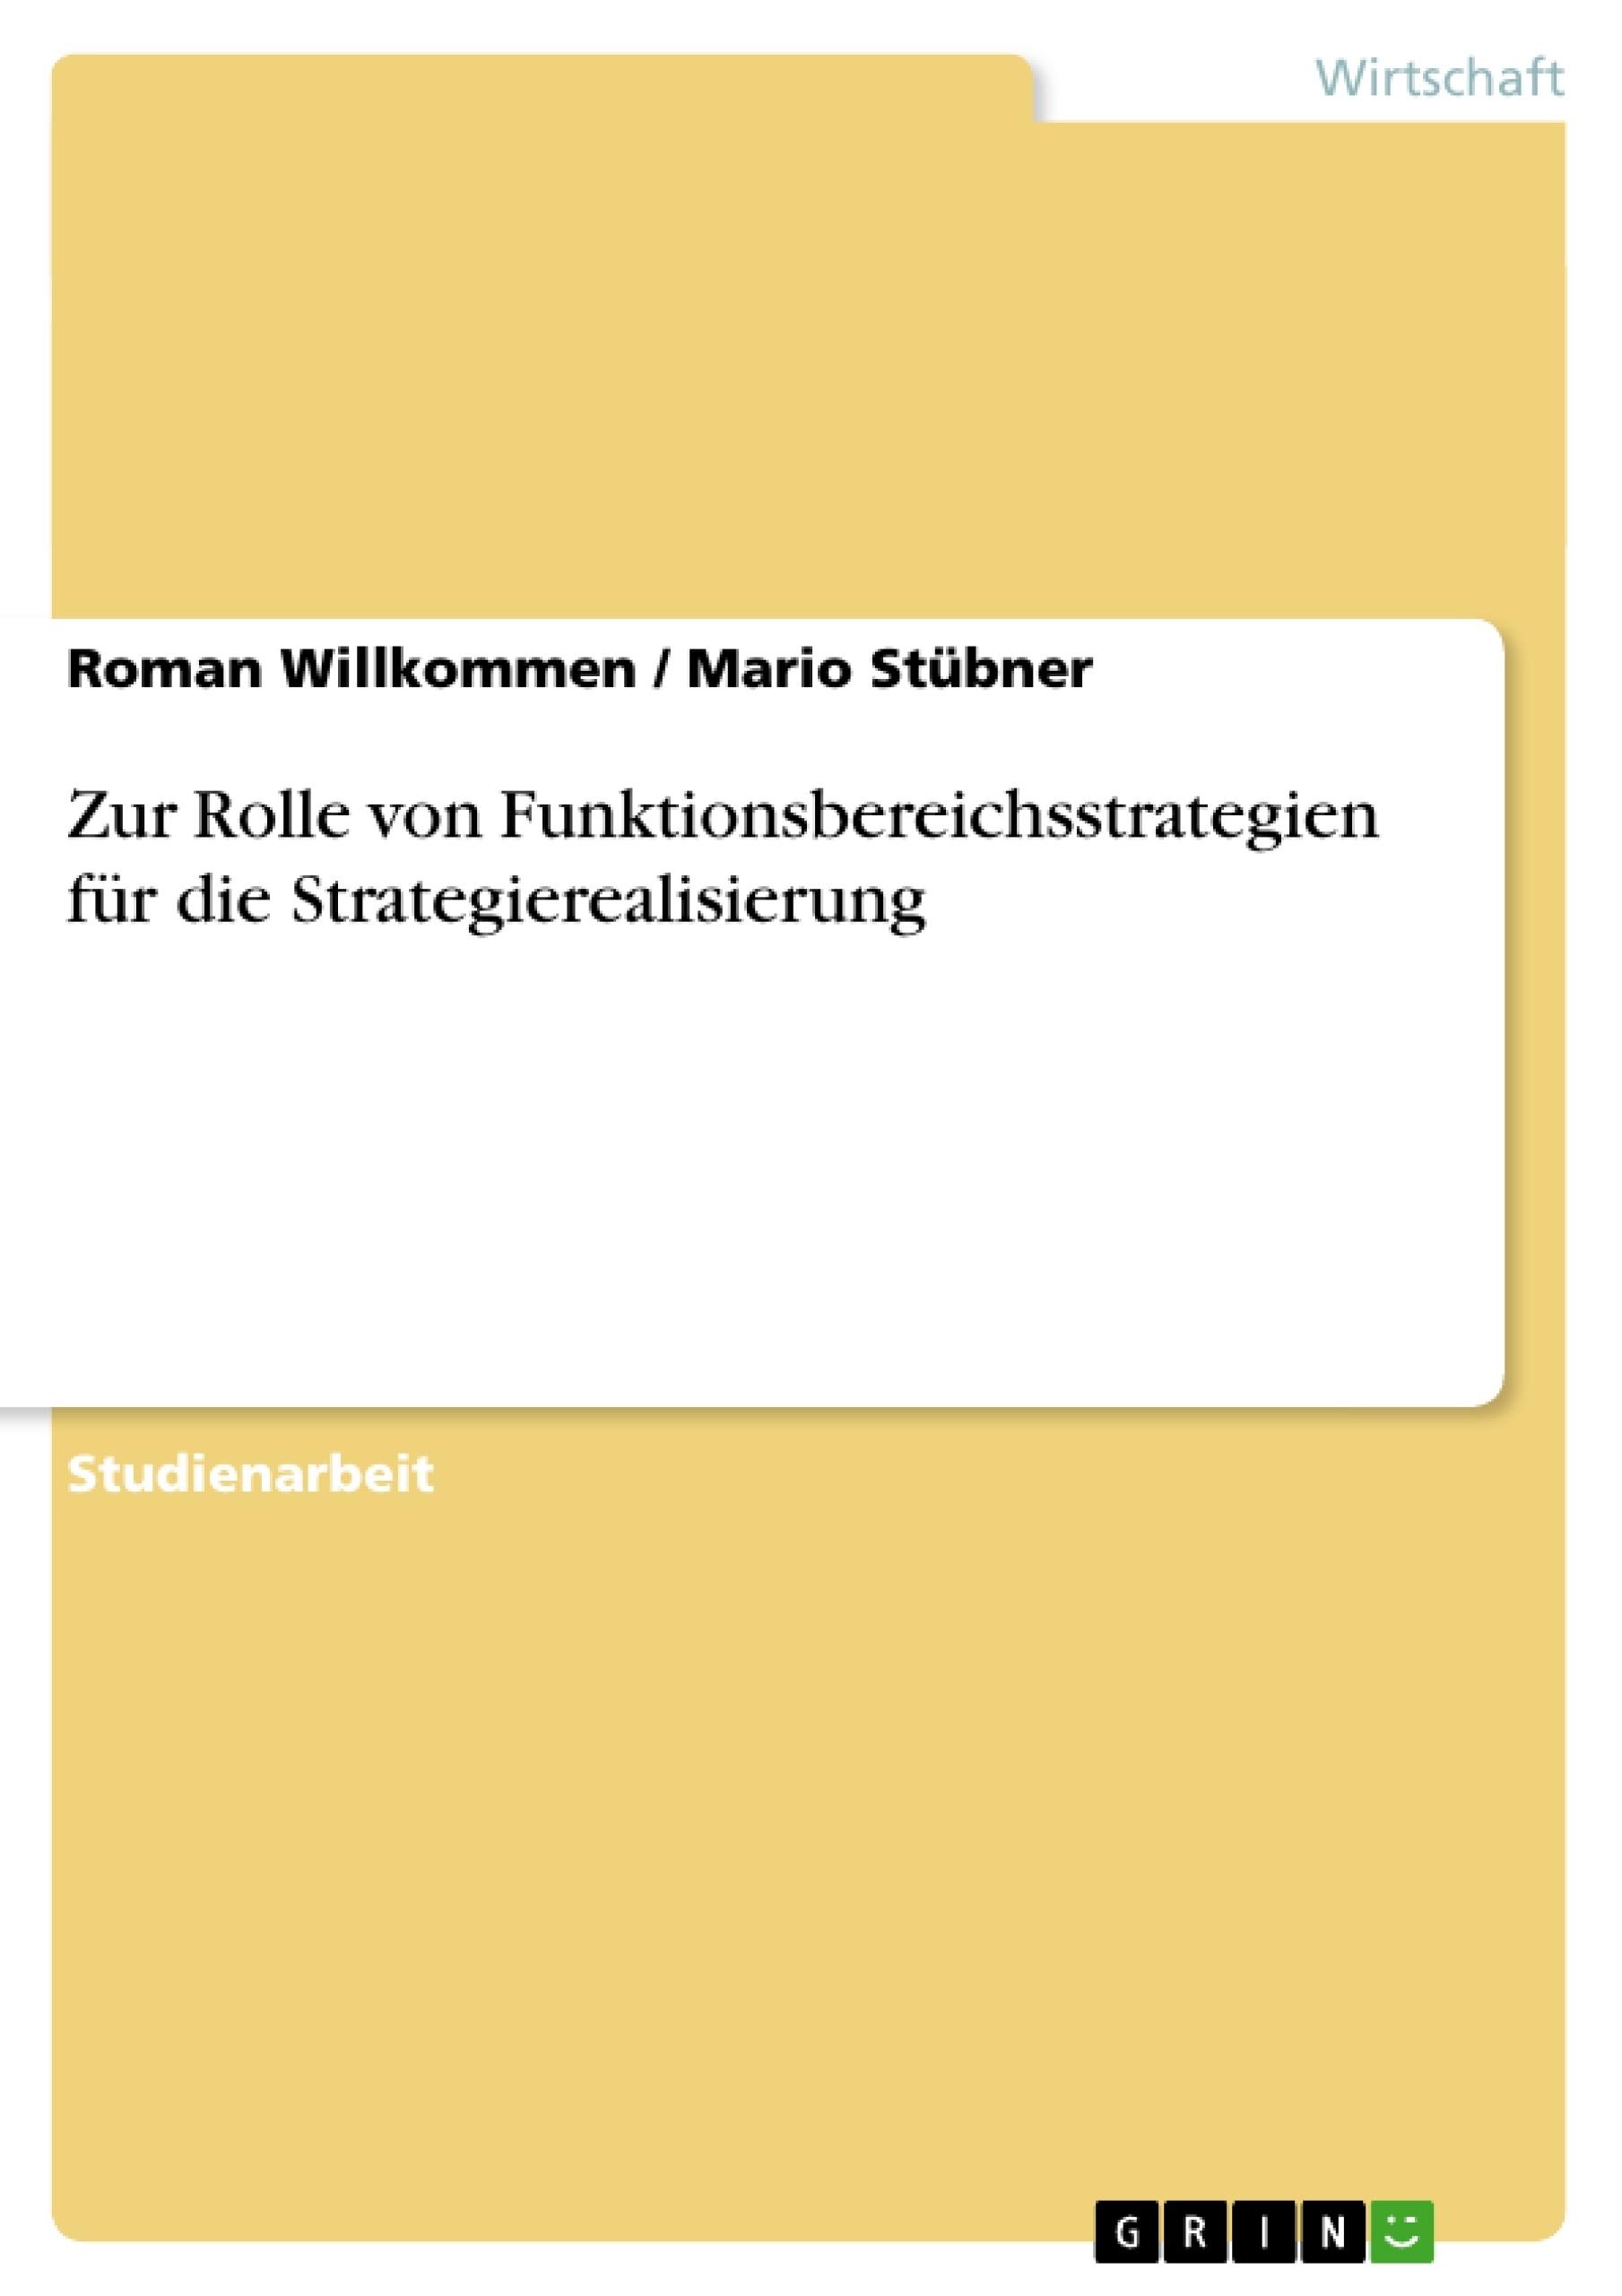 Titel: Zur Rolle von Funktionsbereichsstrategien für die Strategierealisierung